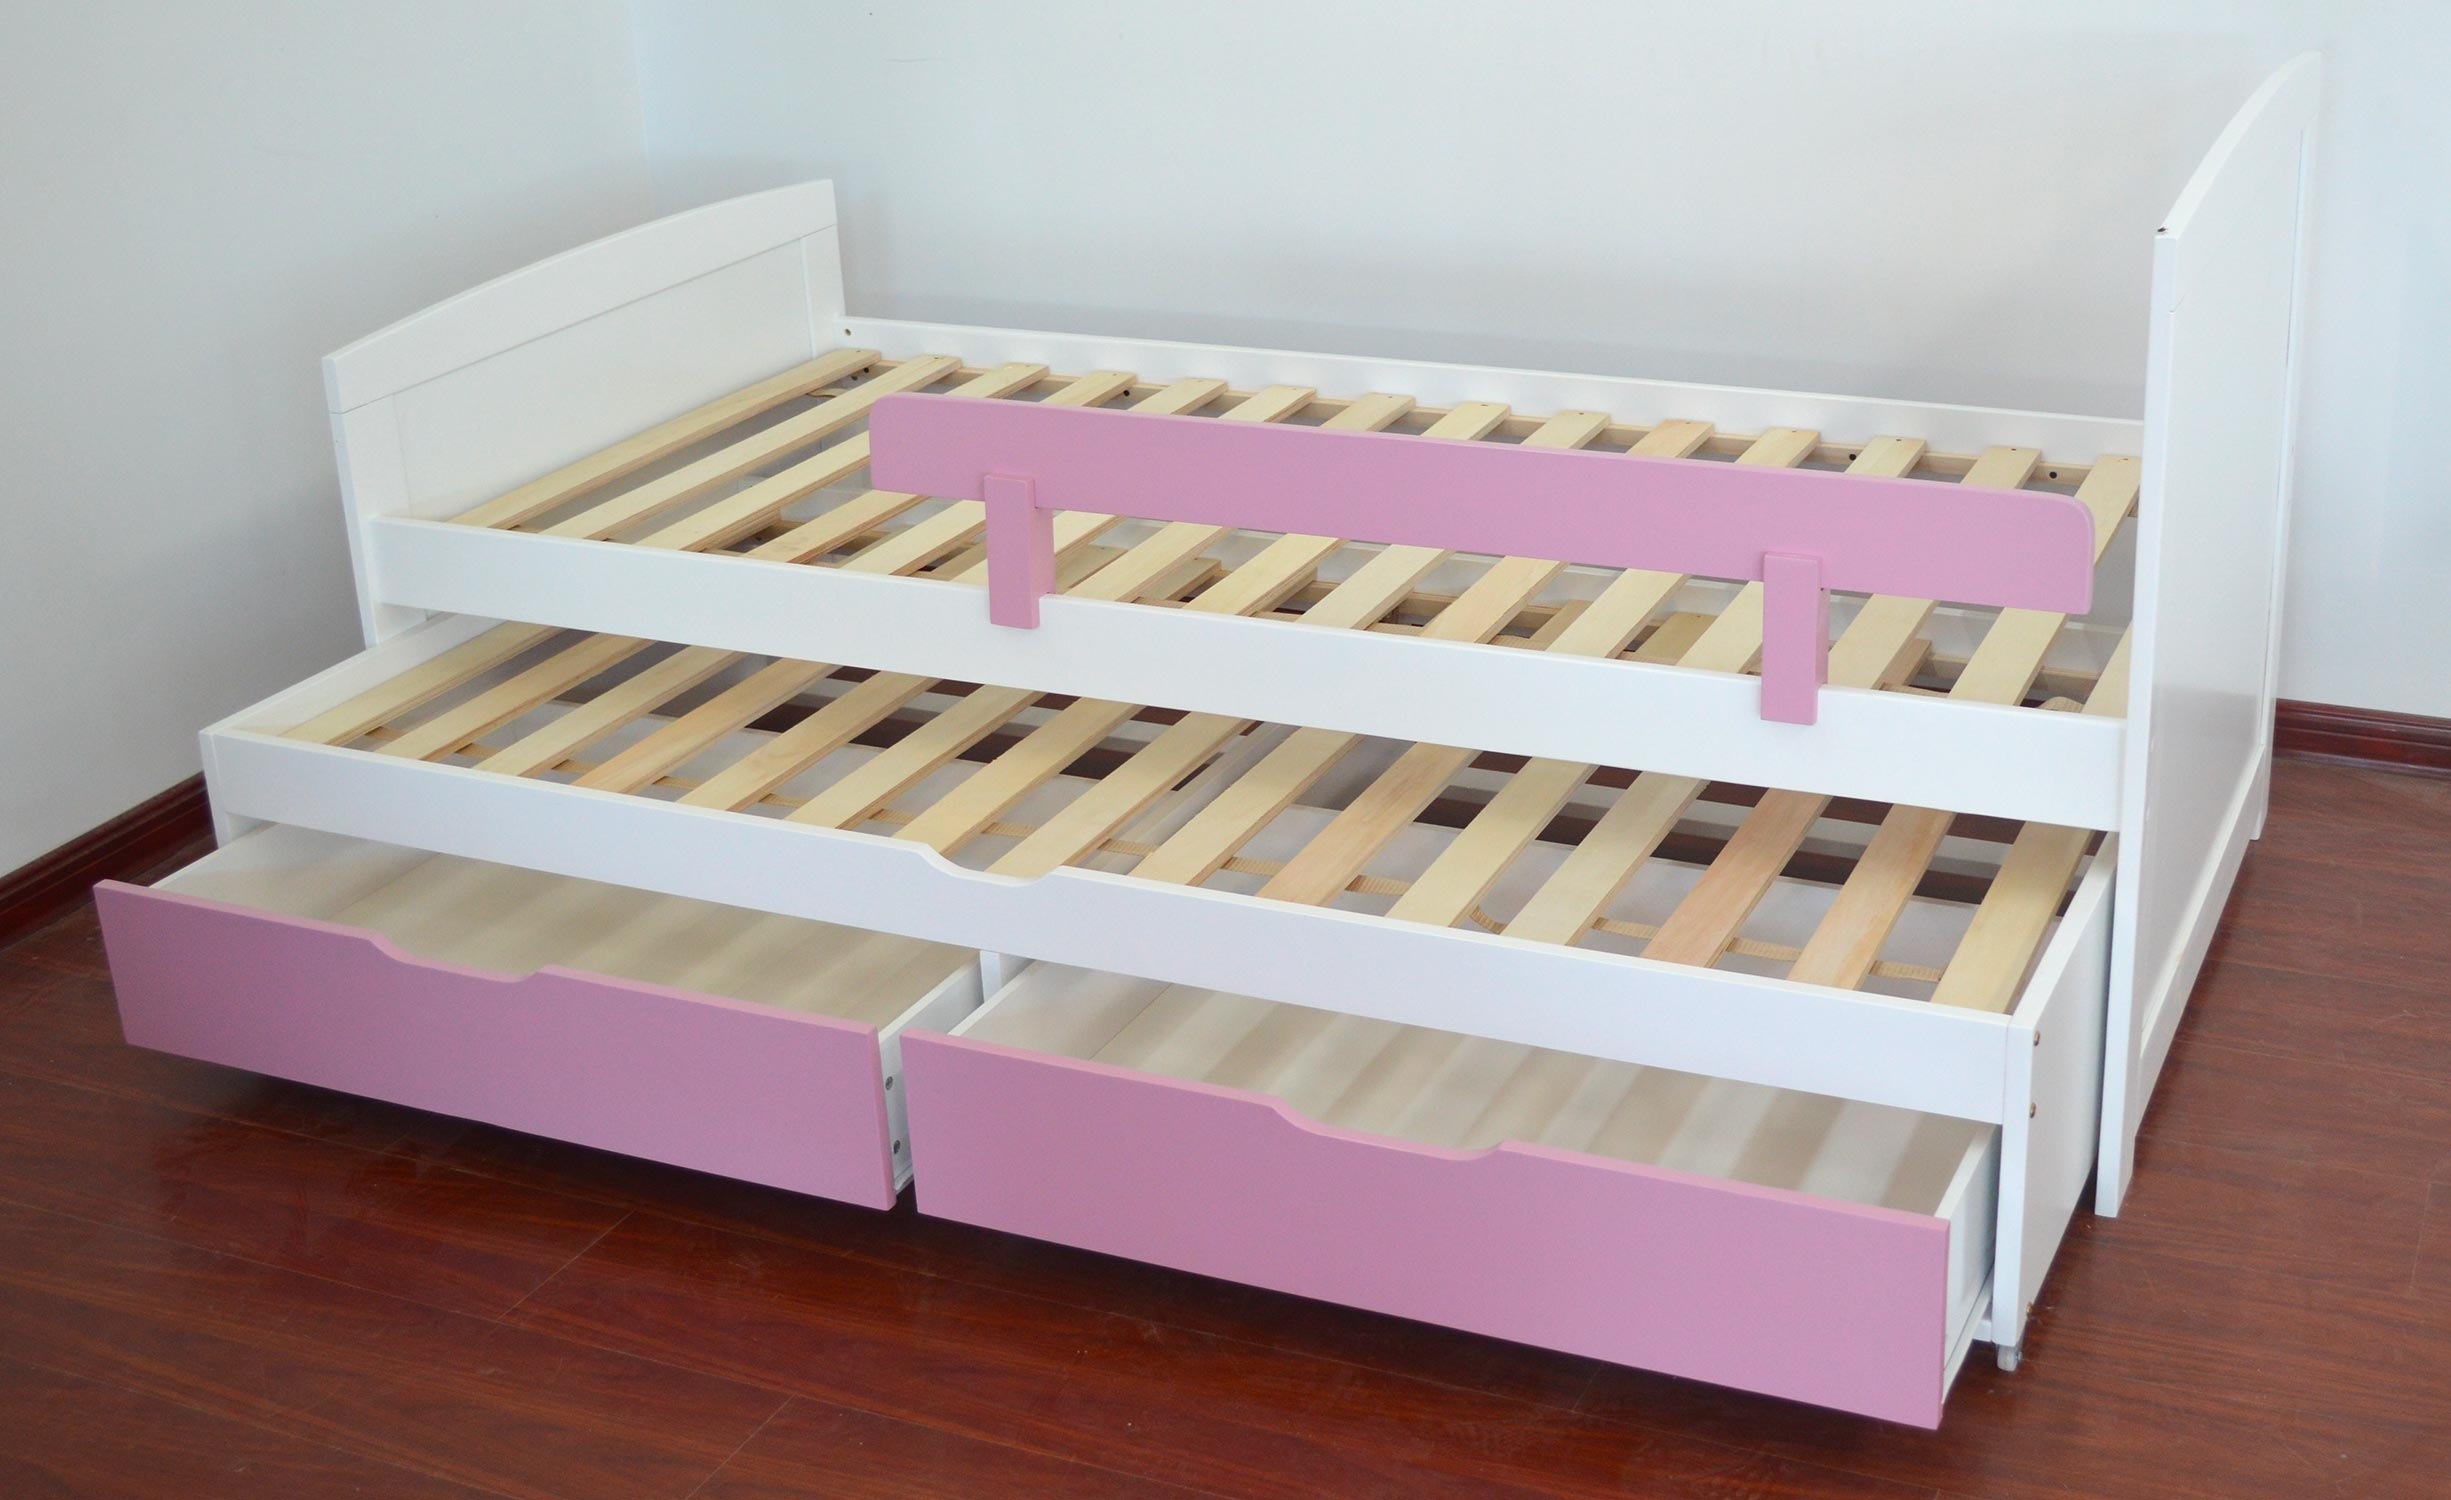 Patapon wit en roze kinder onderschuifbed met boxsprings en lades